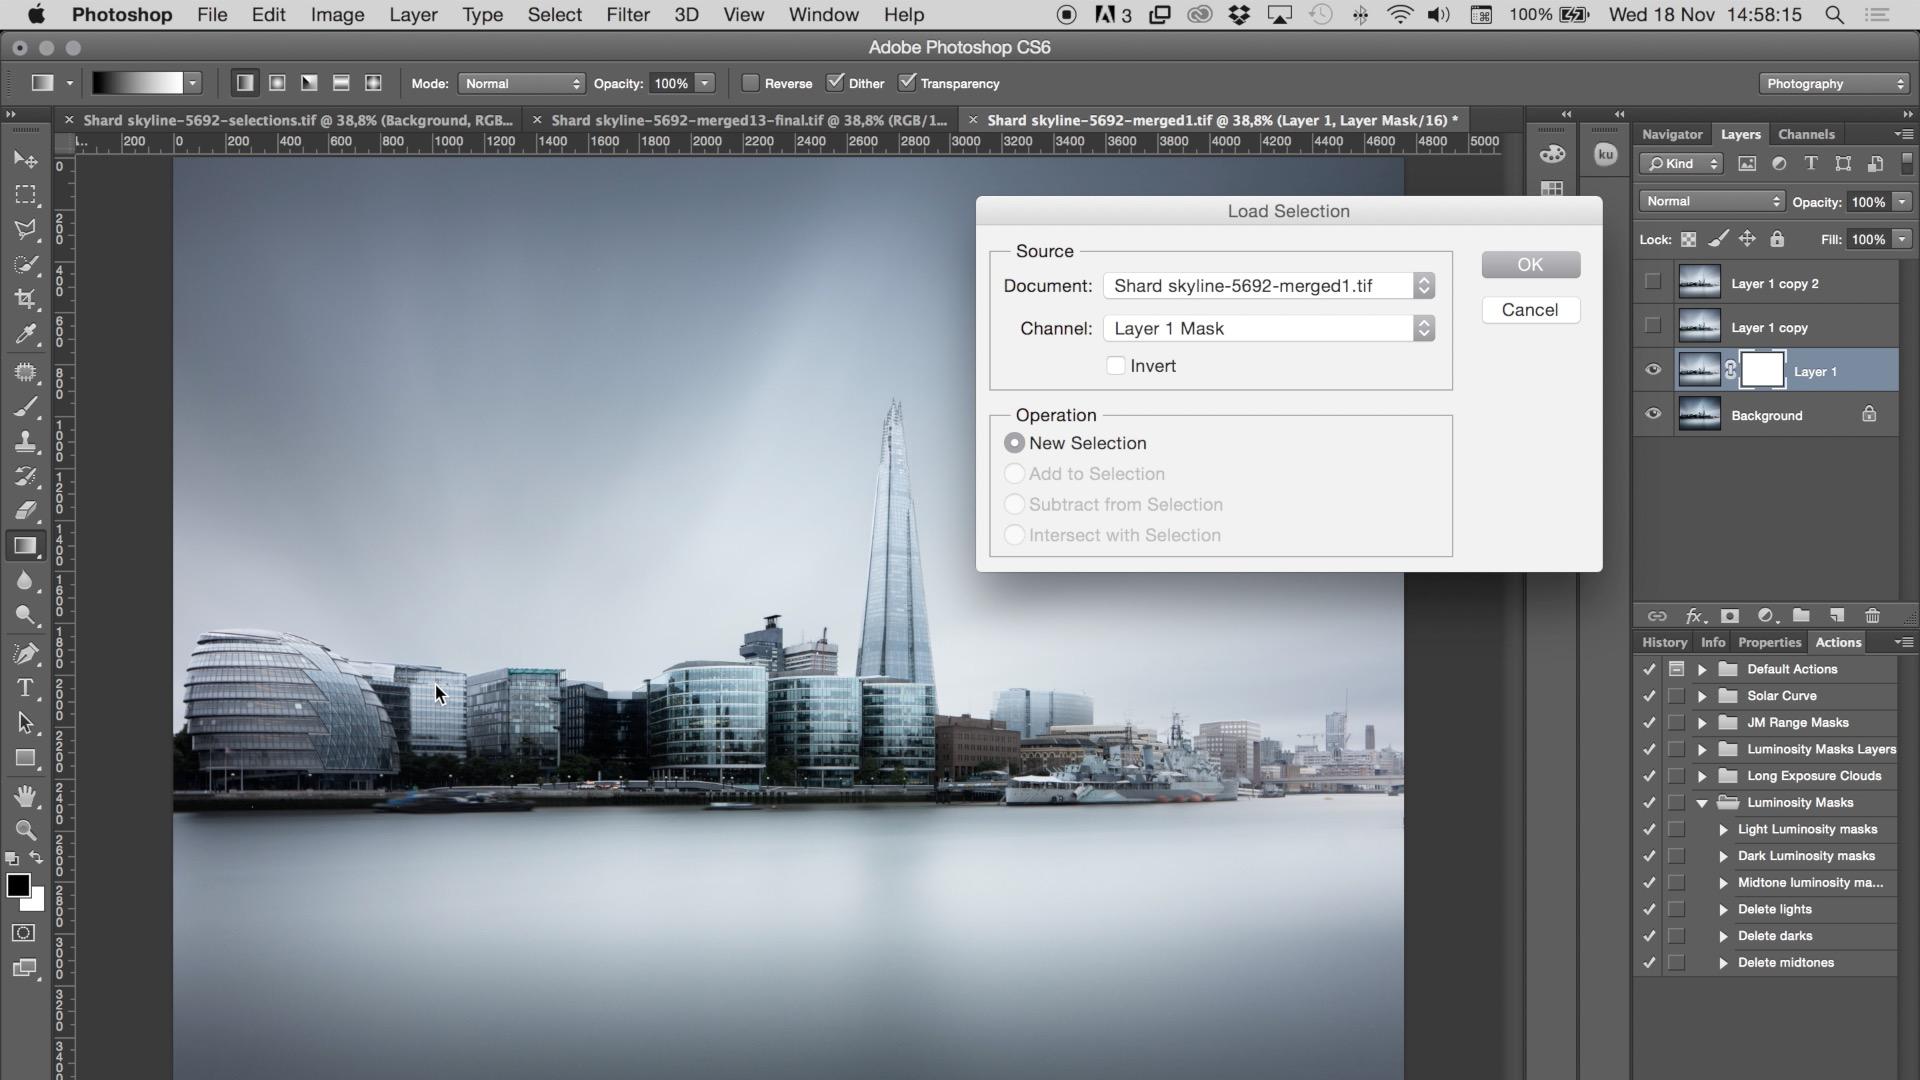 Fine Art Color Workflow - framegrab 03.jpg